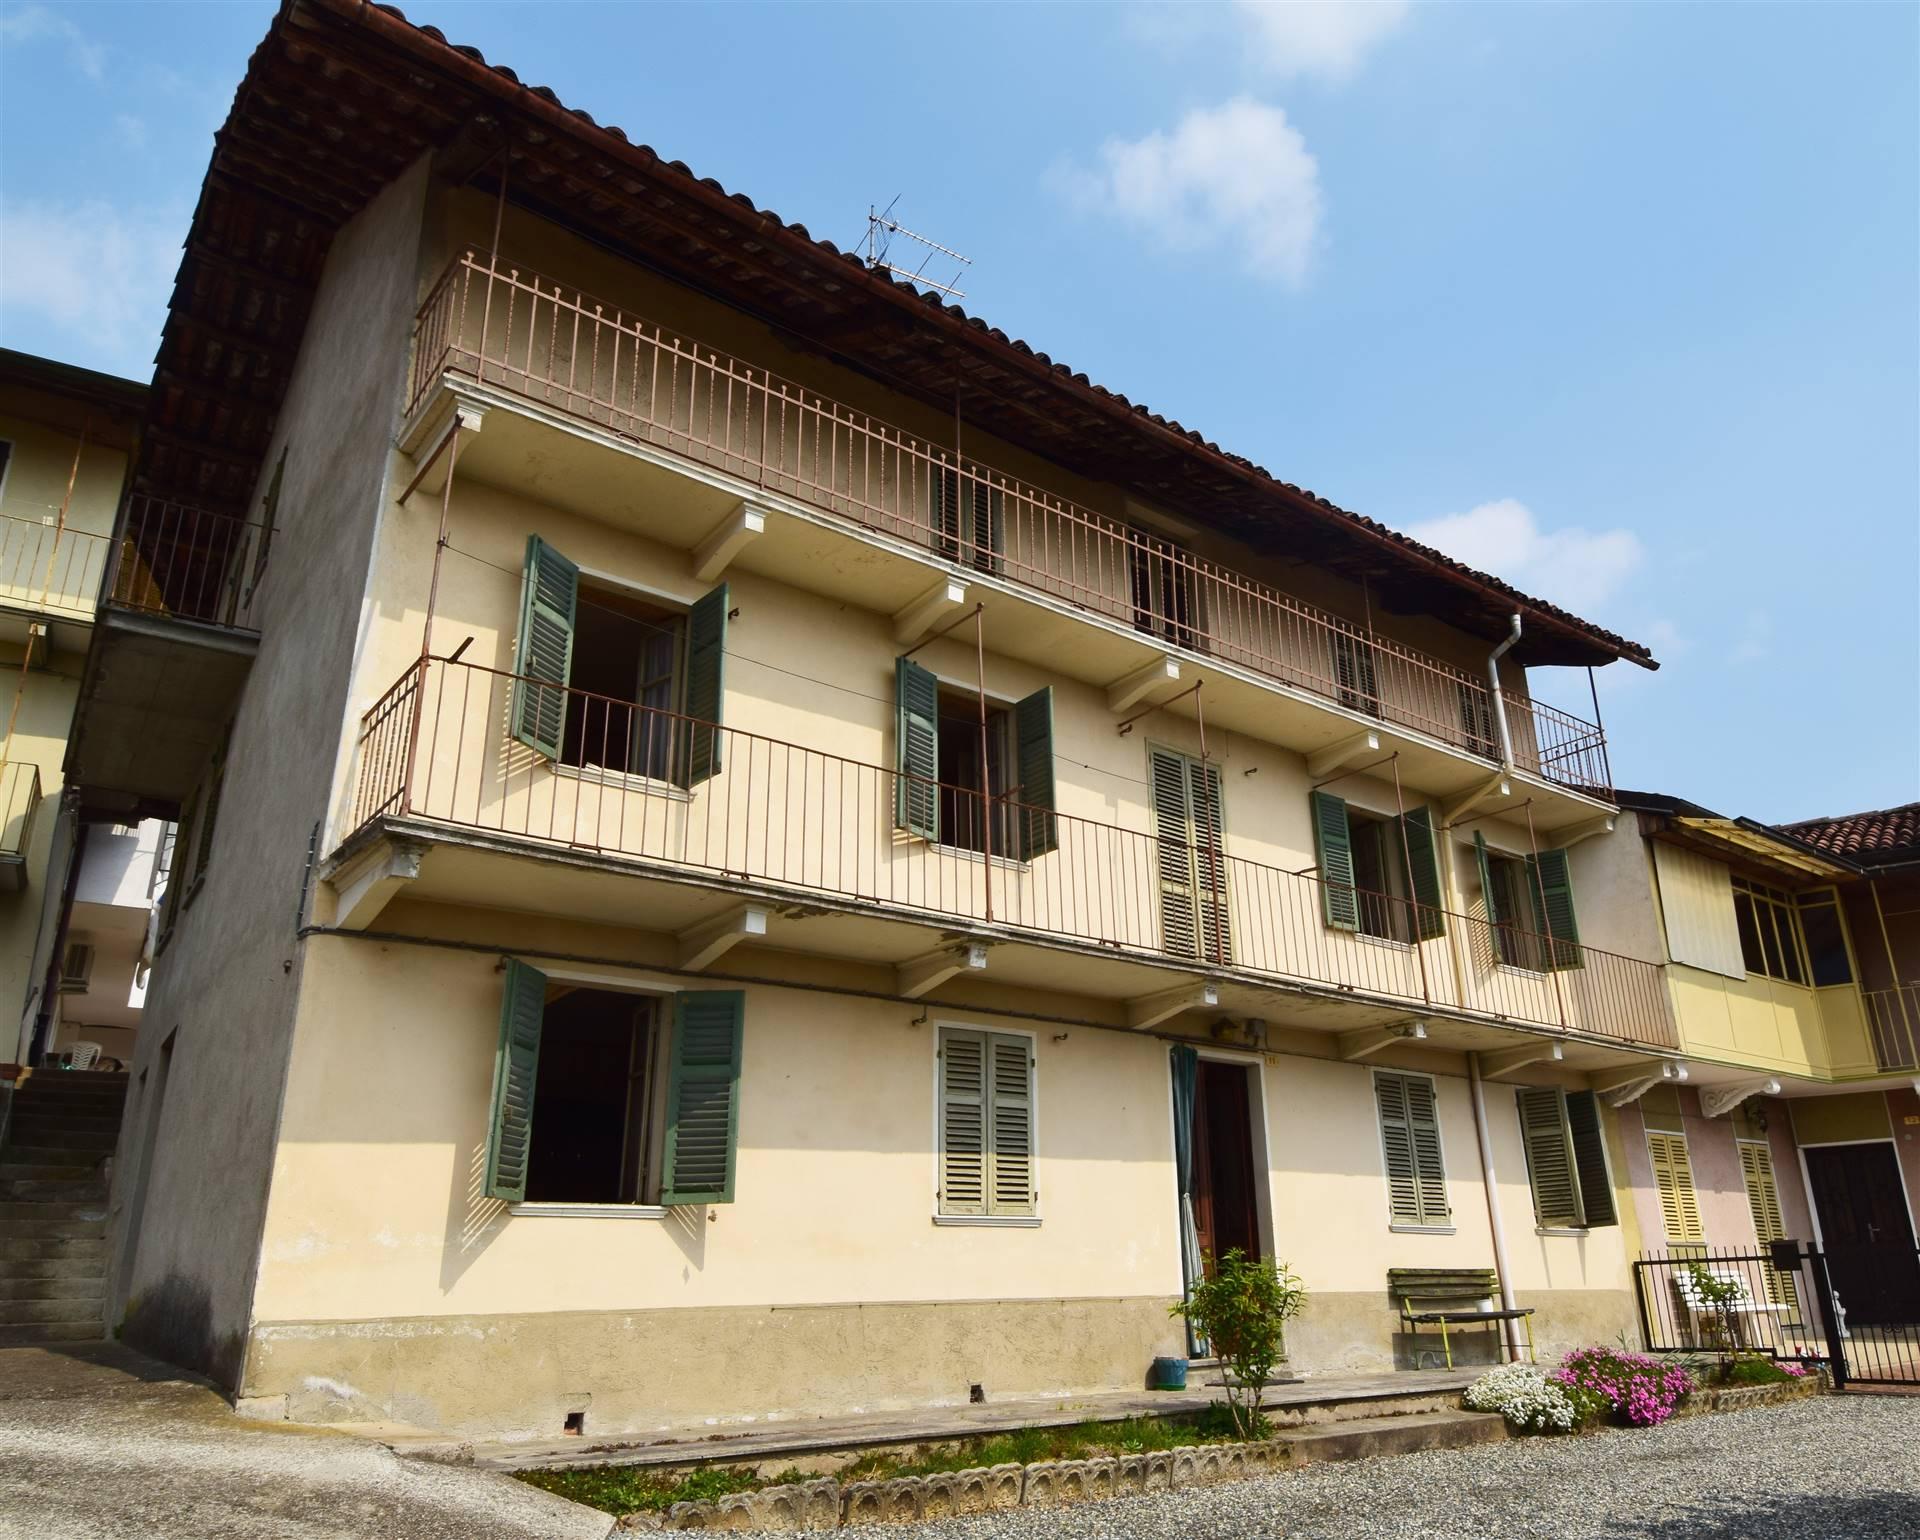 Soluzione Semindipendente in vendita a Occhieppo Superiore, 7 locali, zona Zona: Pasquario, prezzo € 39.000 | CambioCasa.it